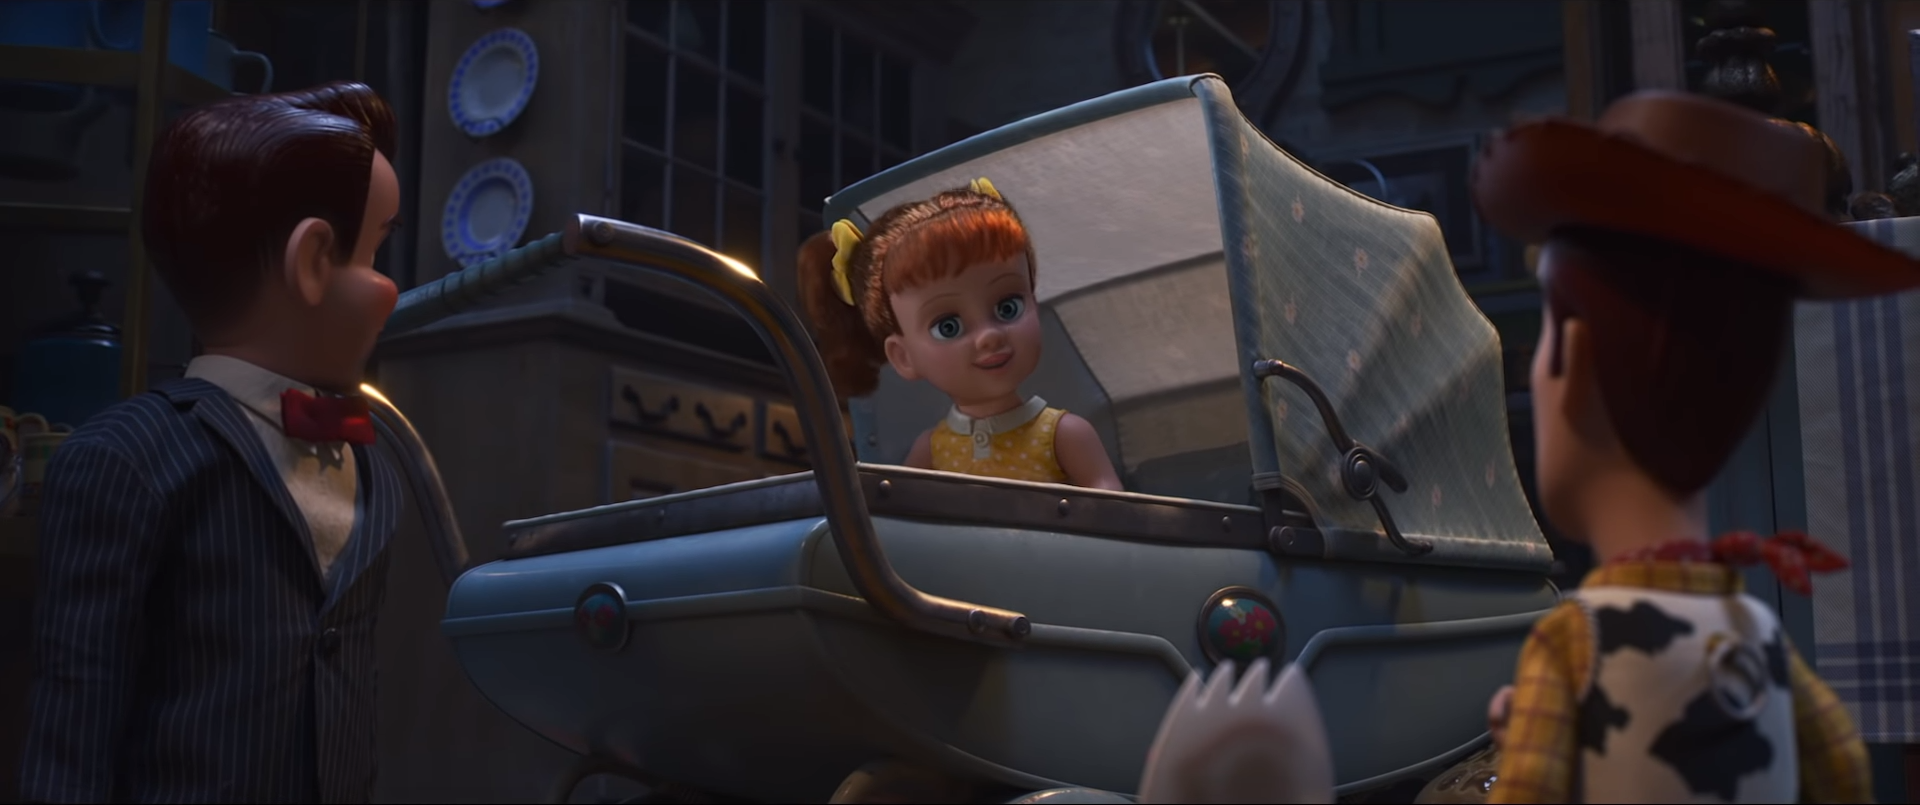 Disney/Pixar 2019